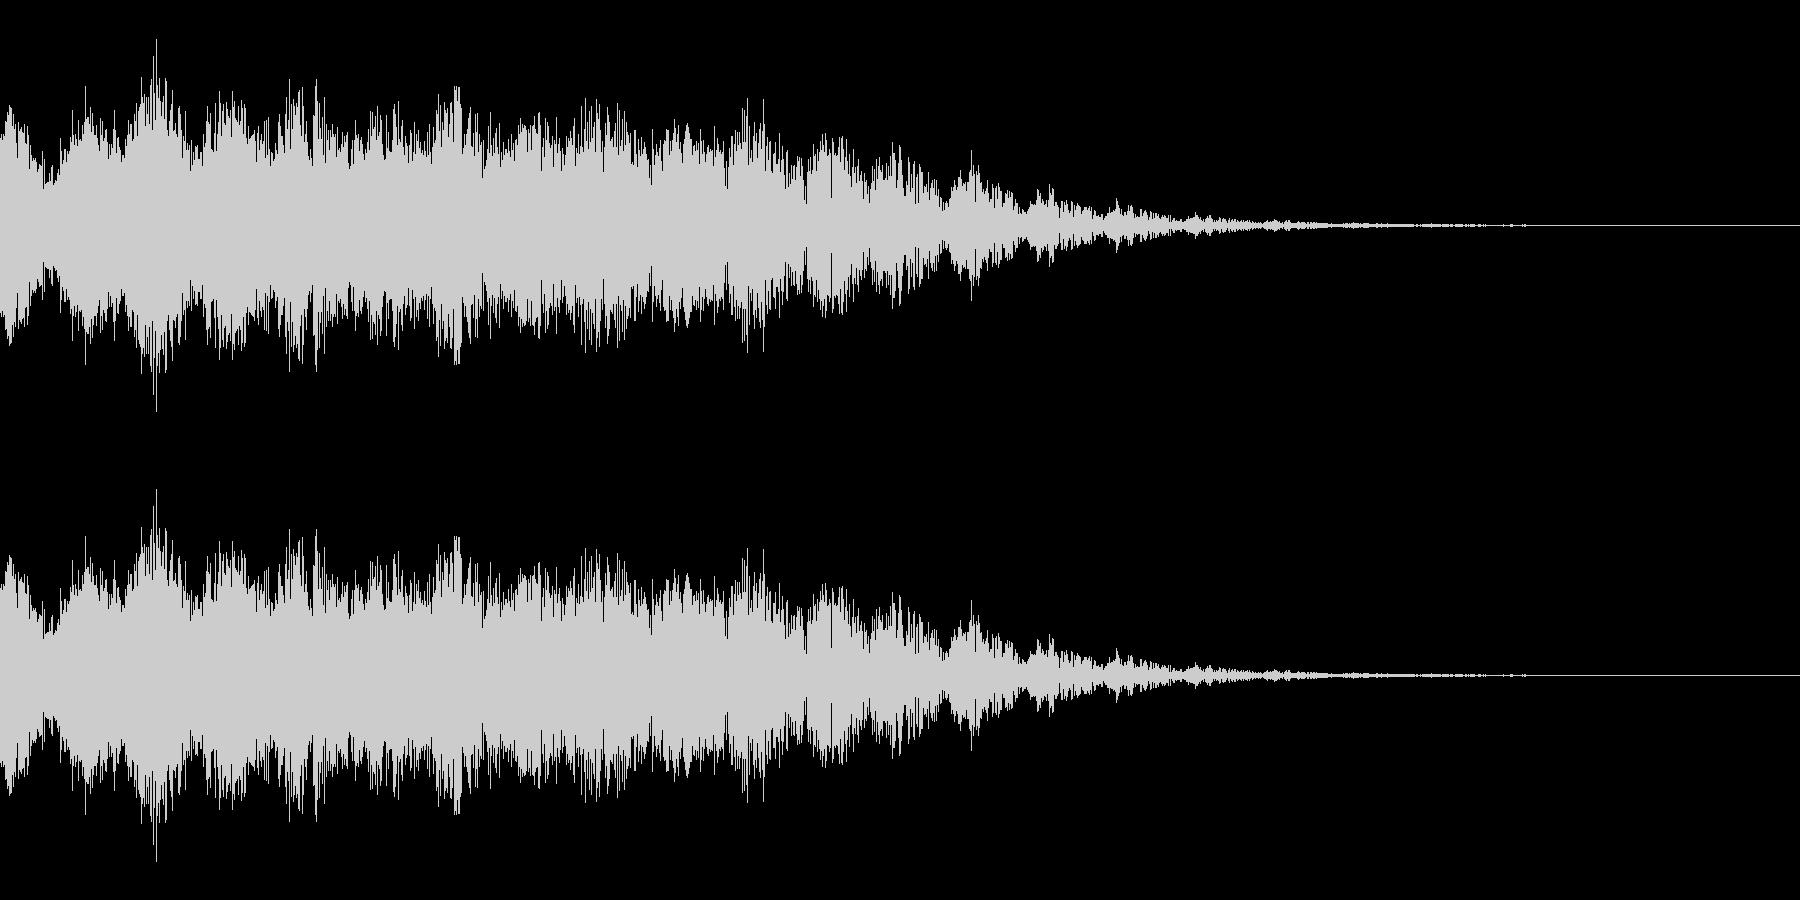 ビームを撃つ音(SF/宇宙/光線)の未再生の波形